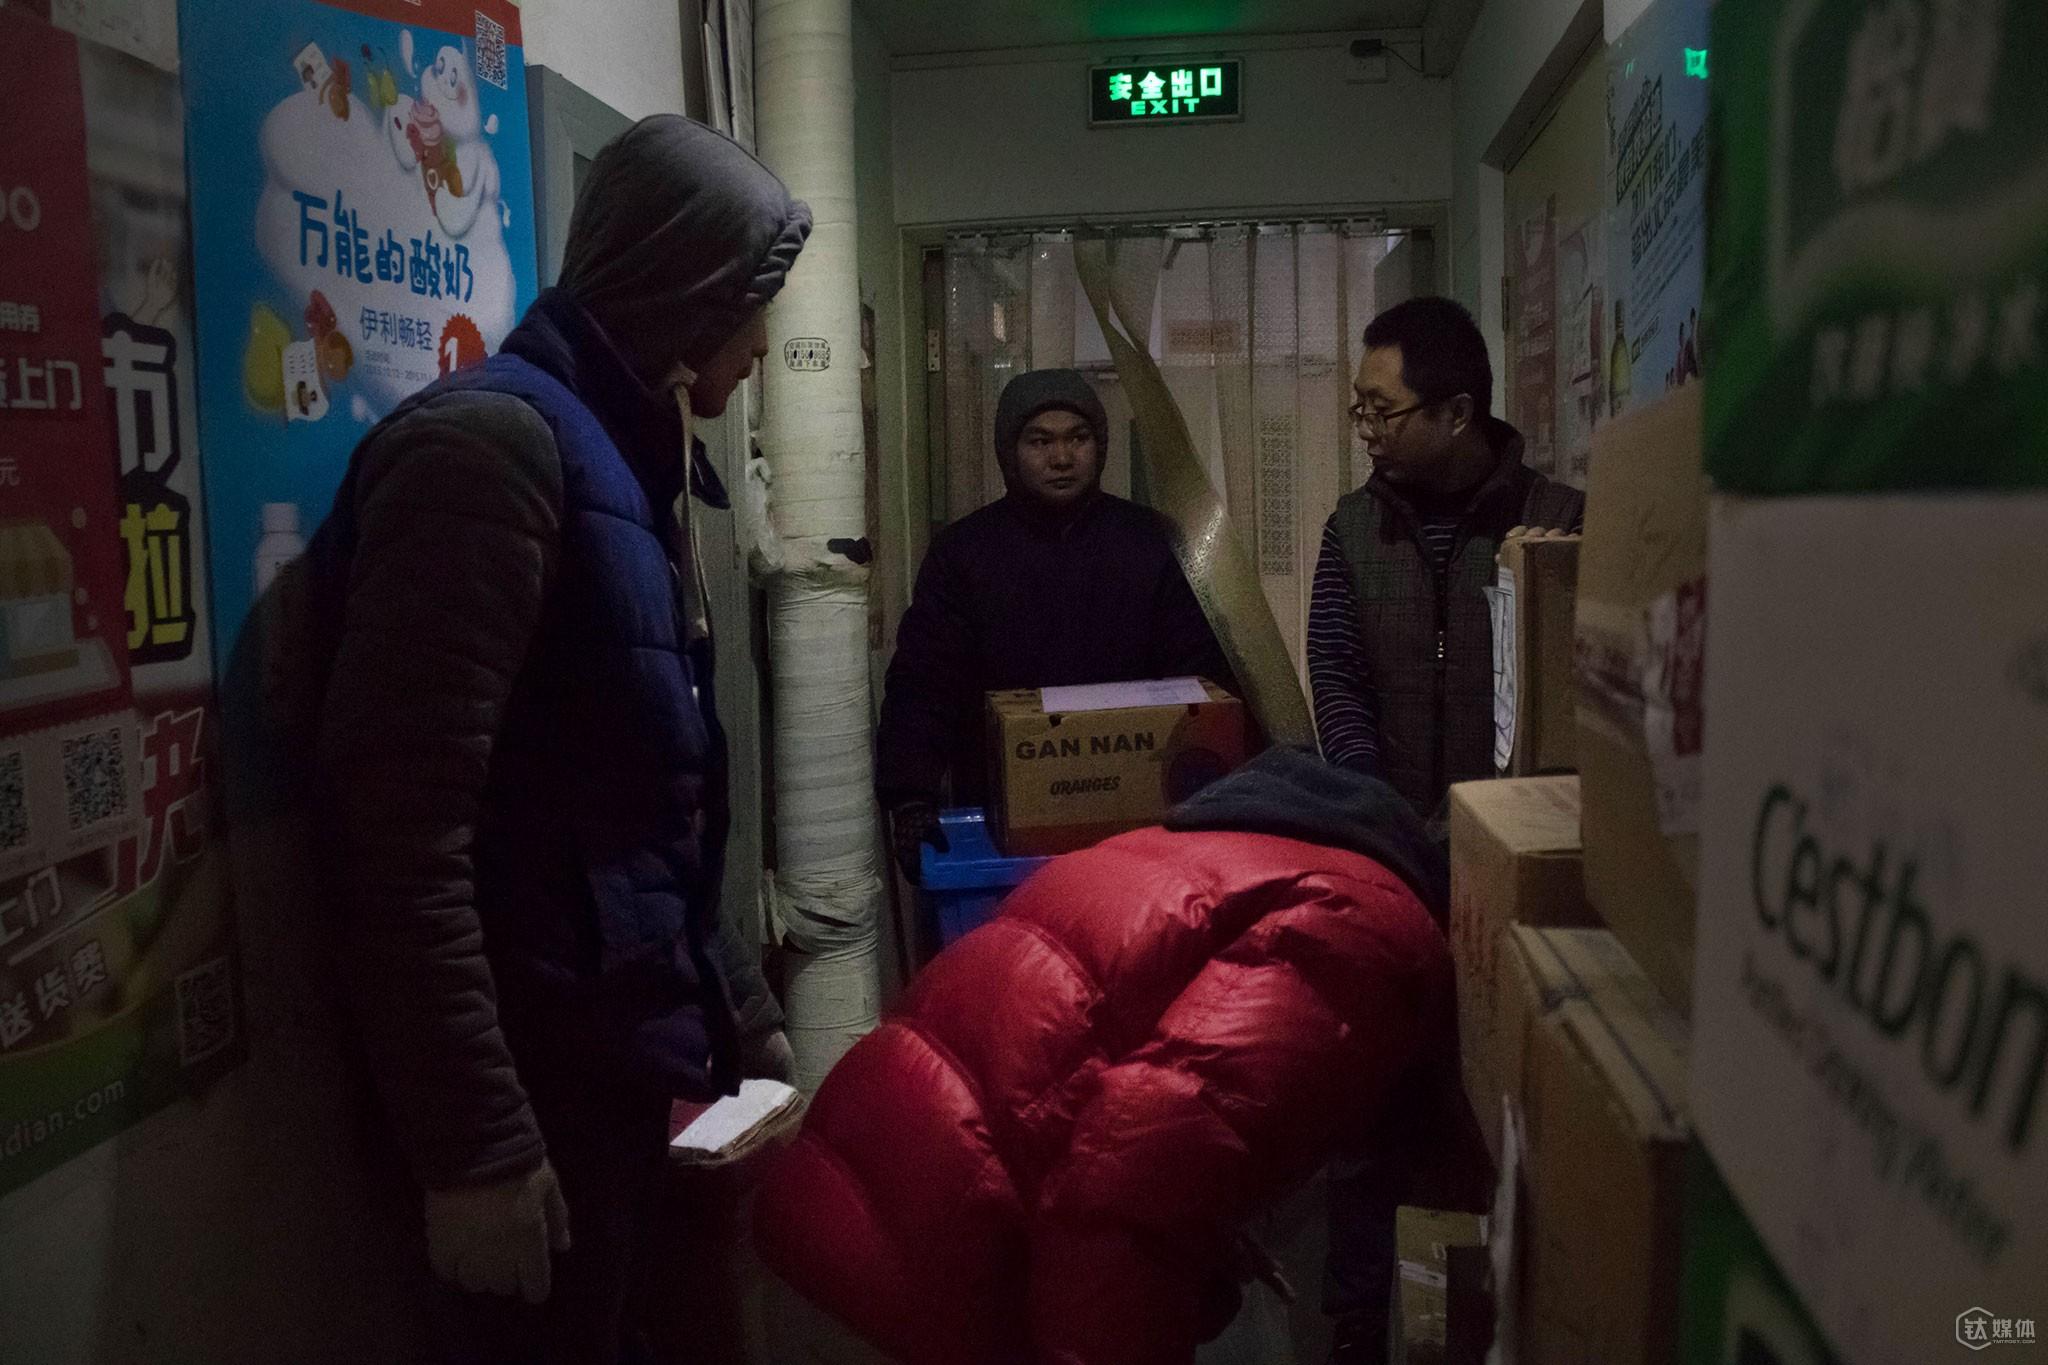 11点30分,几个快递员同时挤在了店门外的过道。这家小店每天最多时有将近20家快递公司的快递员过来送包裹,由于地方不够,大家会把一些纸箱的大件放在过道。